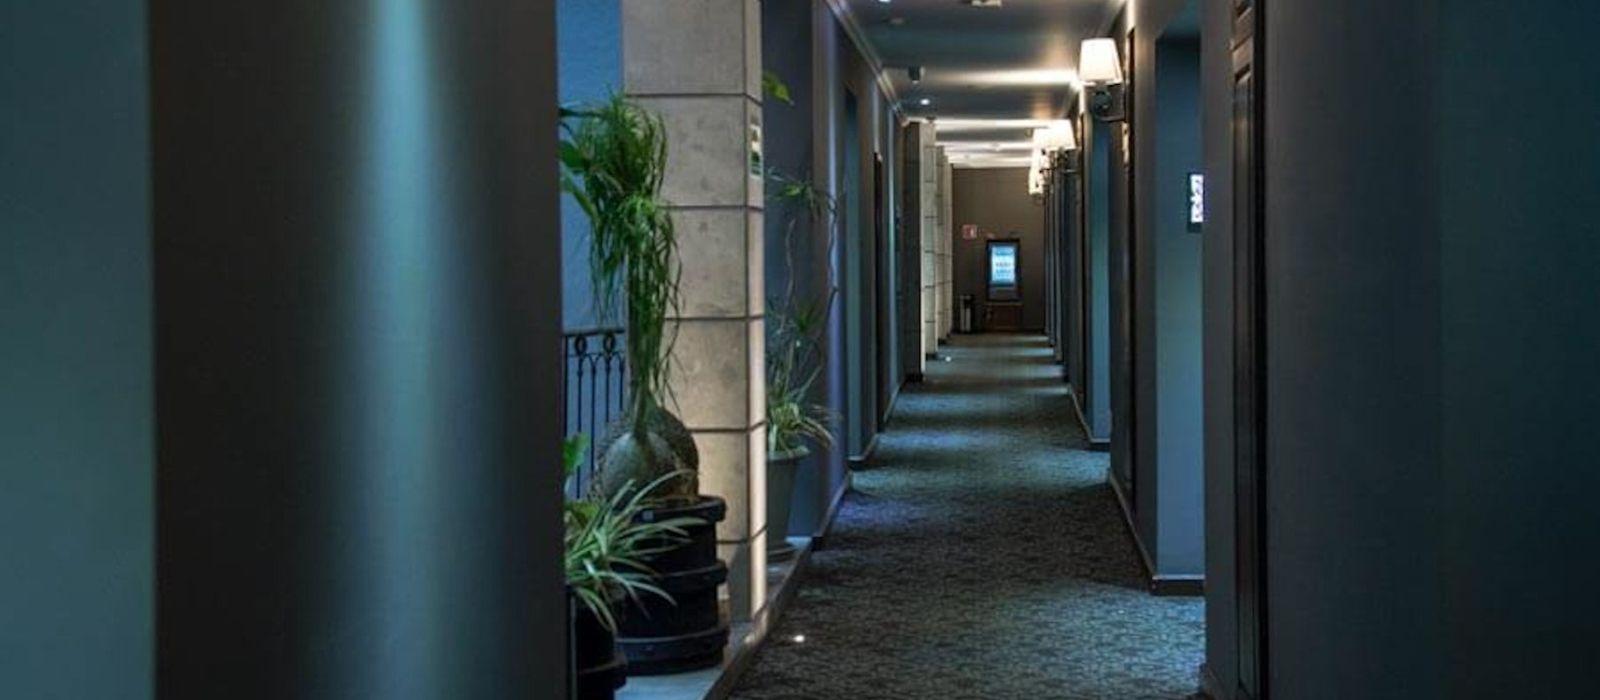 Hotel Zocalo Central Mexico City Mexiko